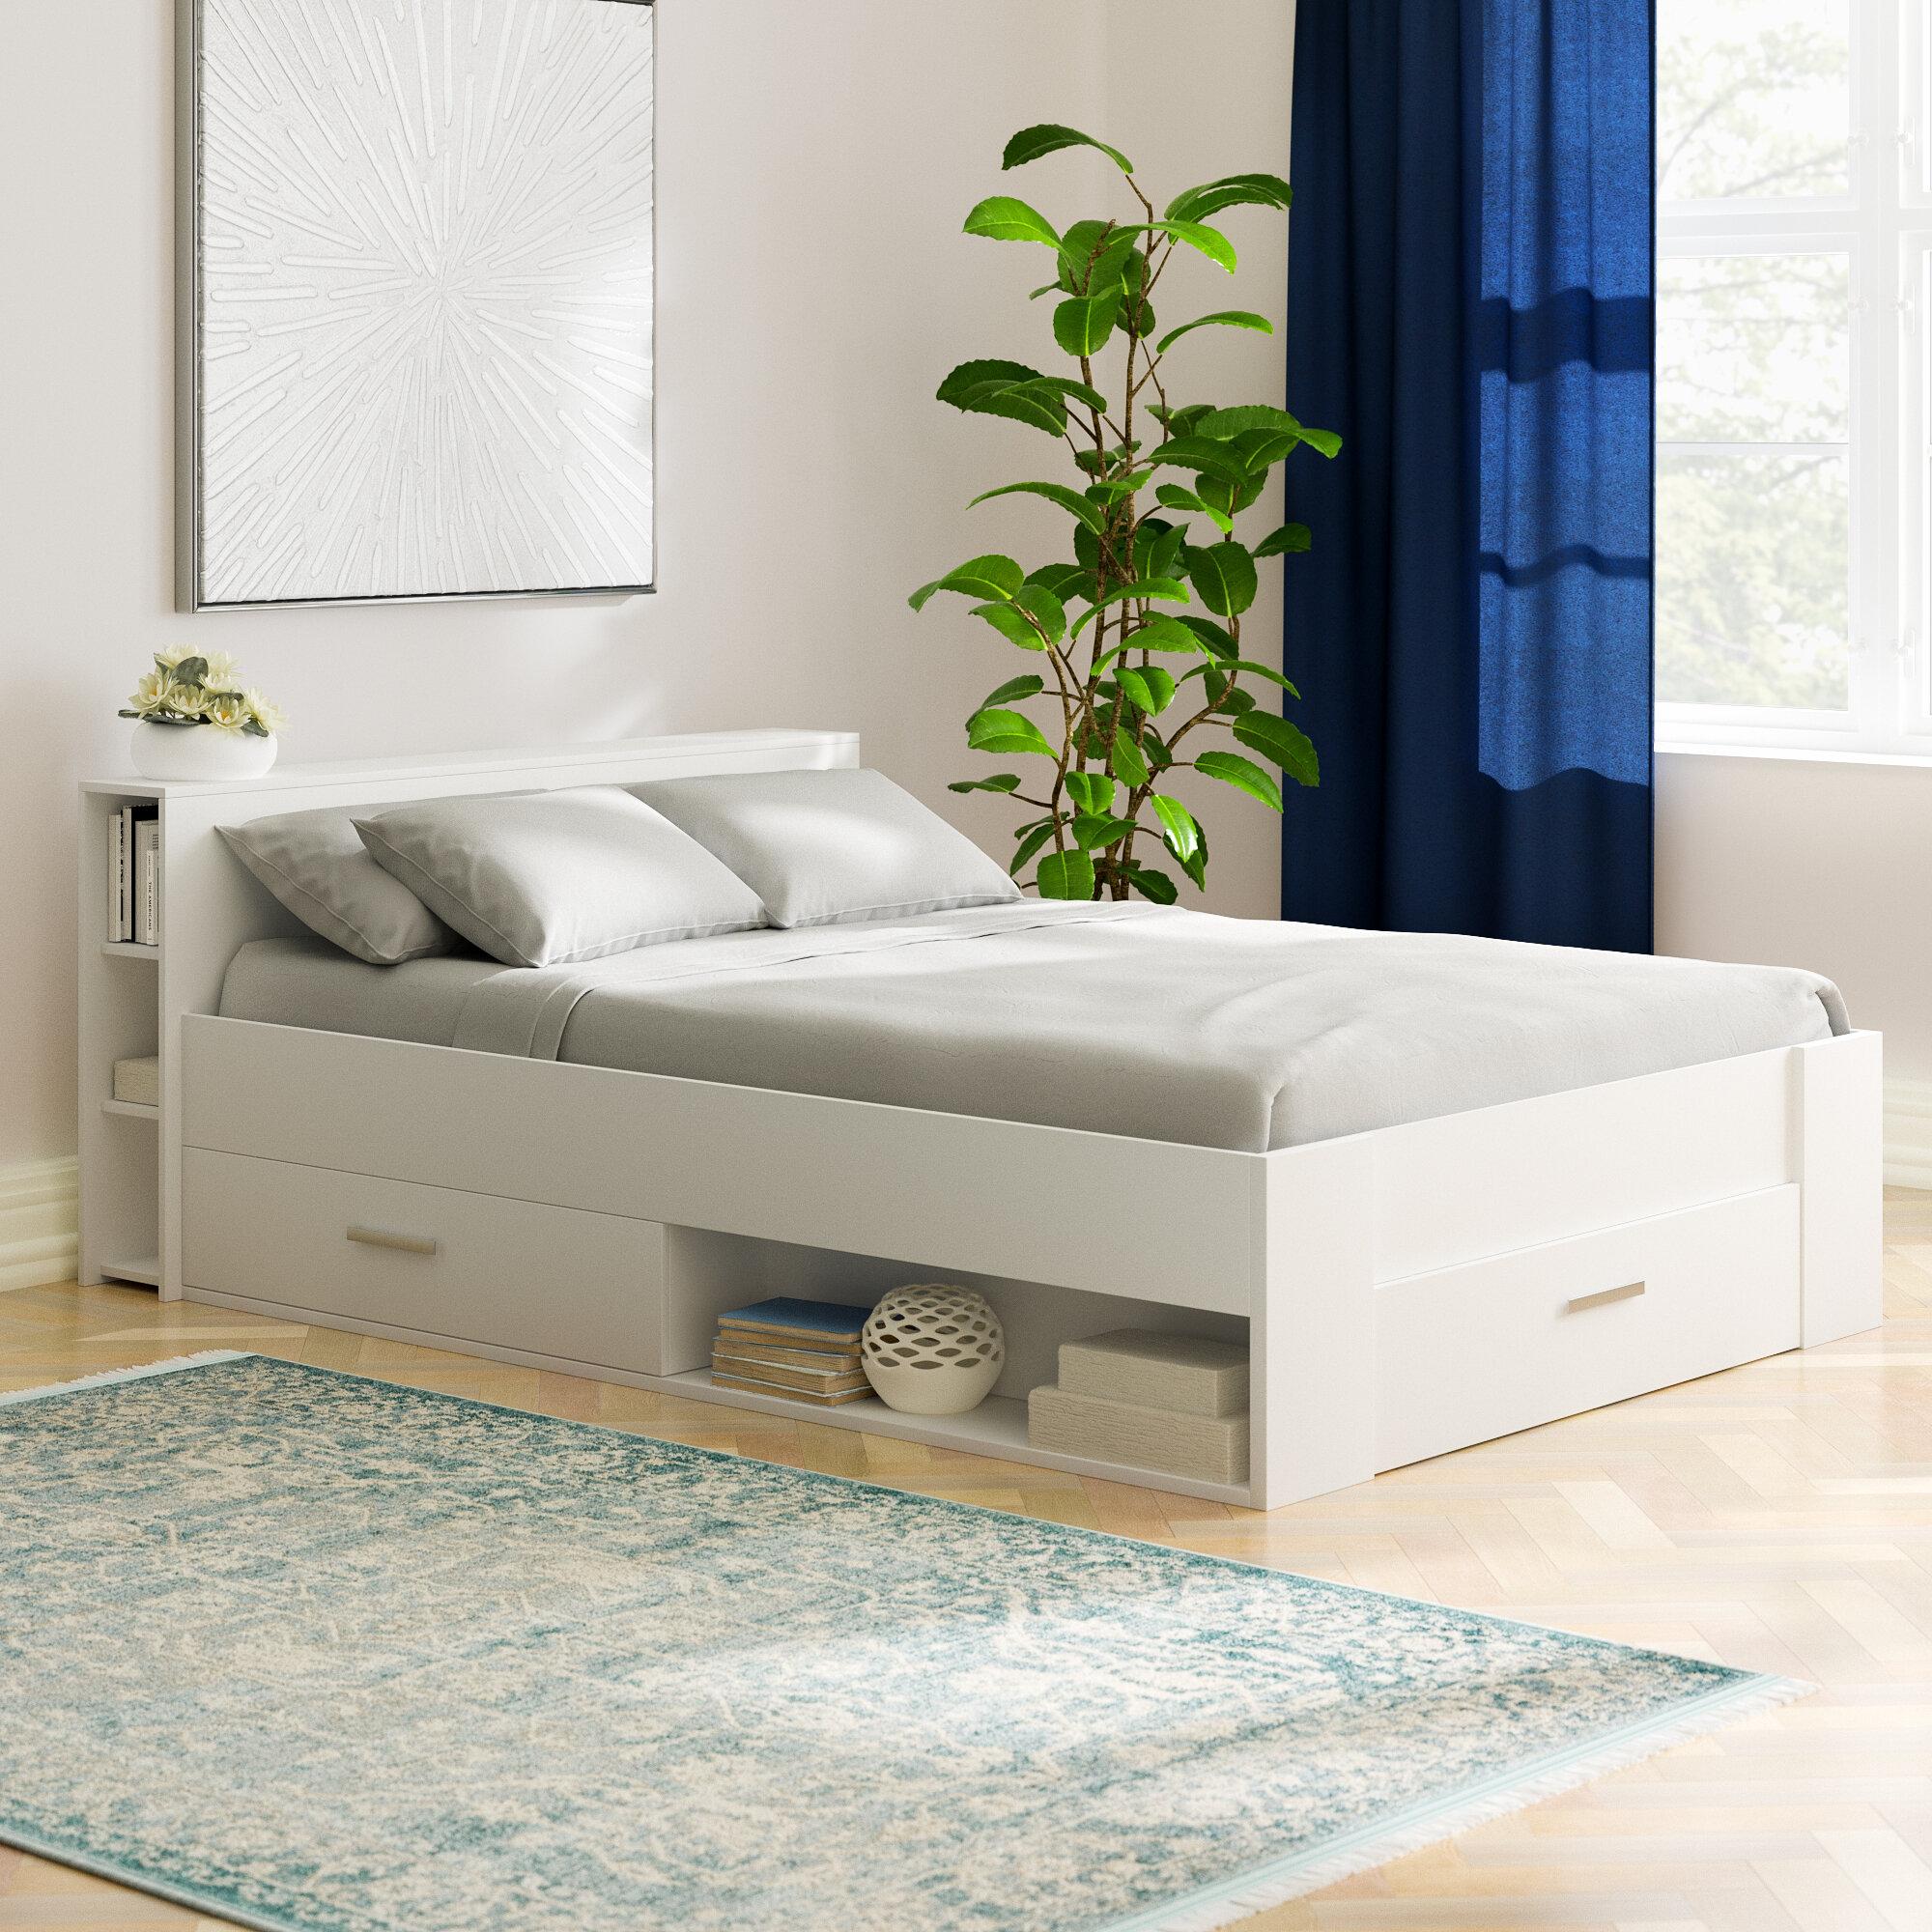 Full Size of Bett 1 40 Zipcode Design Kenny Mit Stauraum Platzsparend Weiße Betten 160x200 Selber Zusammenstellen Boxspring Bauen Französische Massiv 180x200 140x200 Bett Bett 1 40